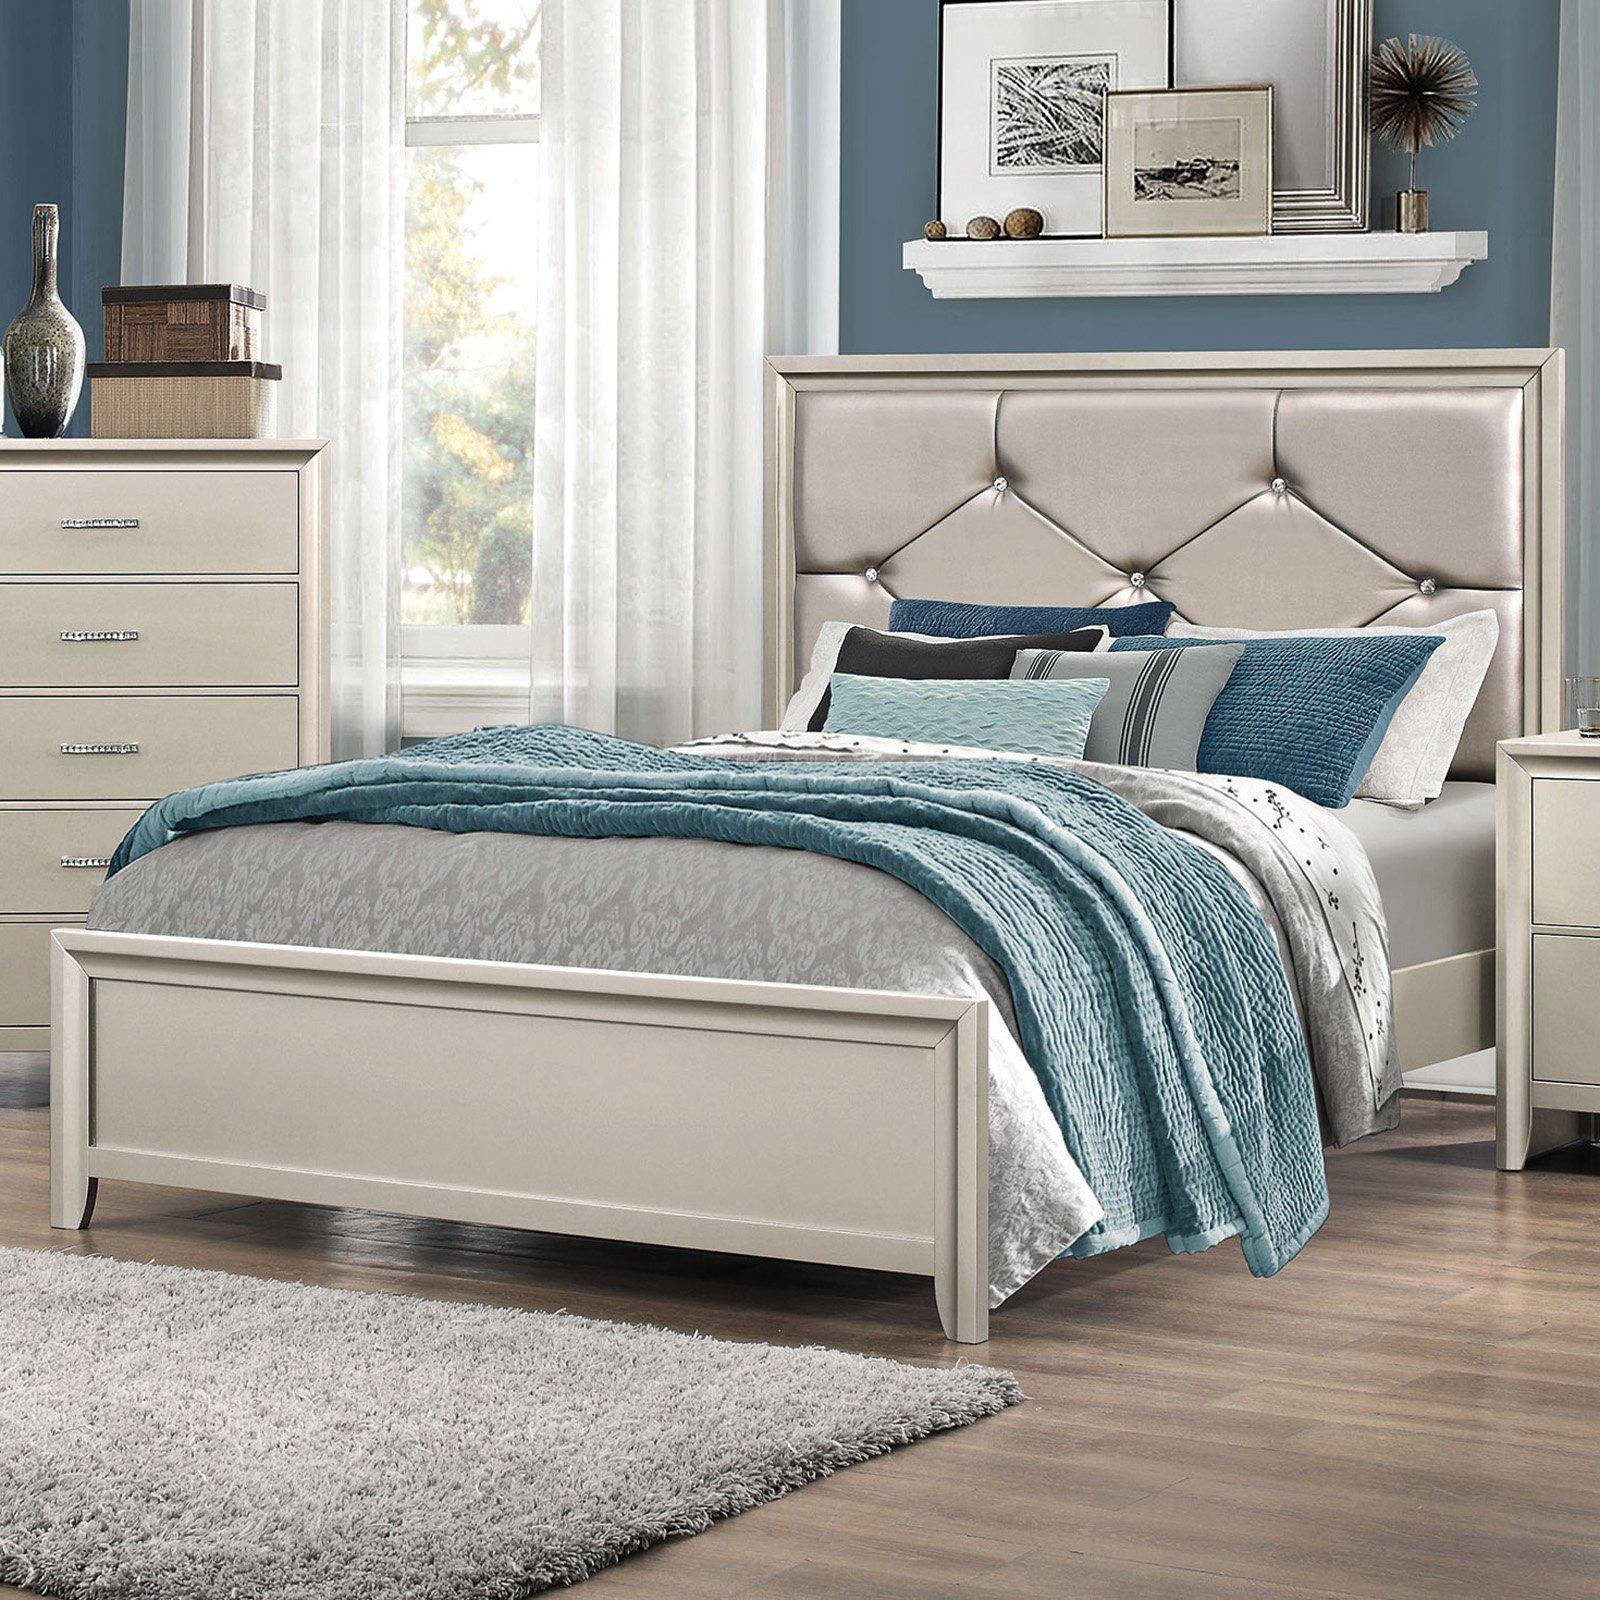 Coaster Furniture Lana Upholstered Bed